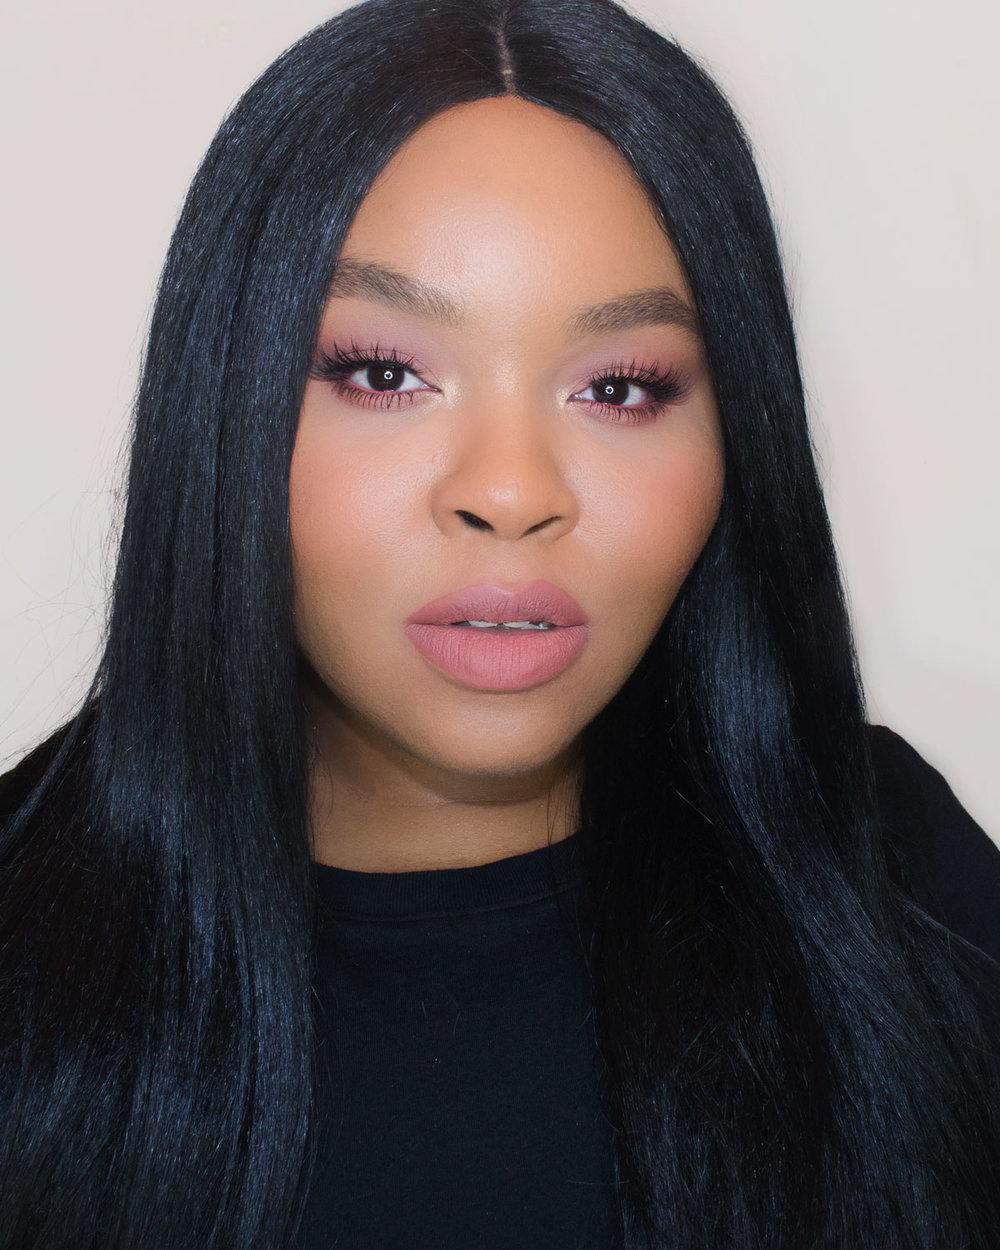 Anastasia Beverly Hills Matte Lipstick Swatch Spice